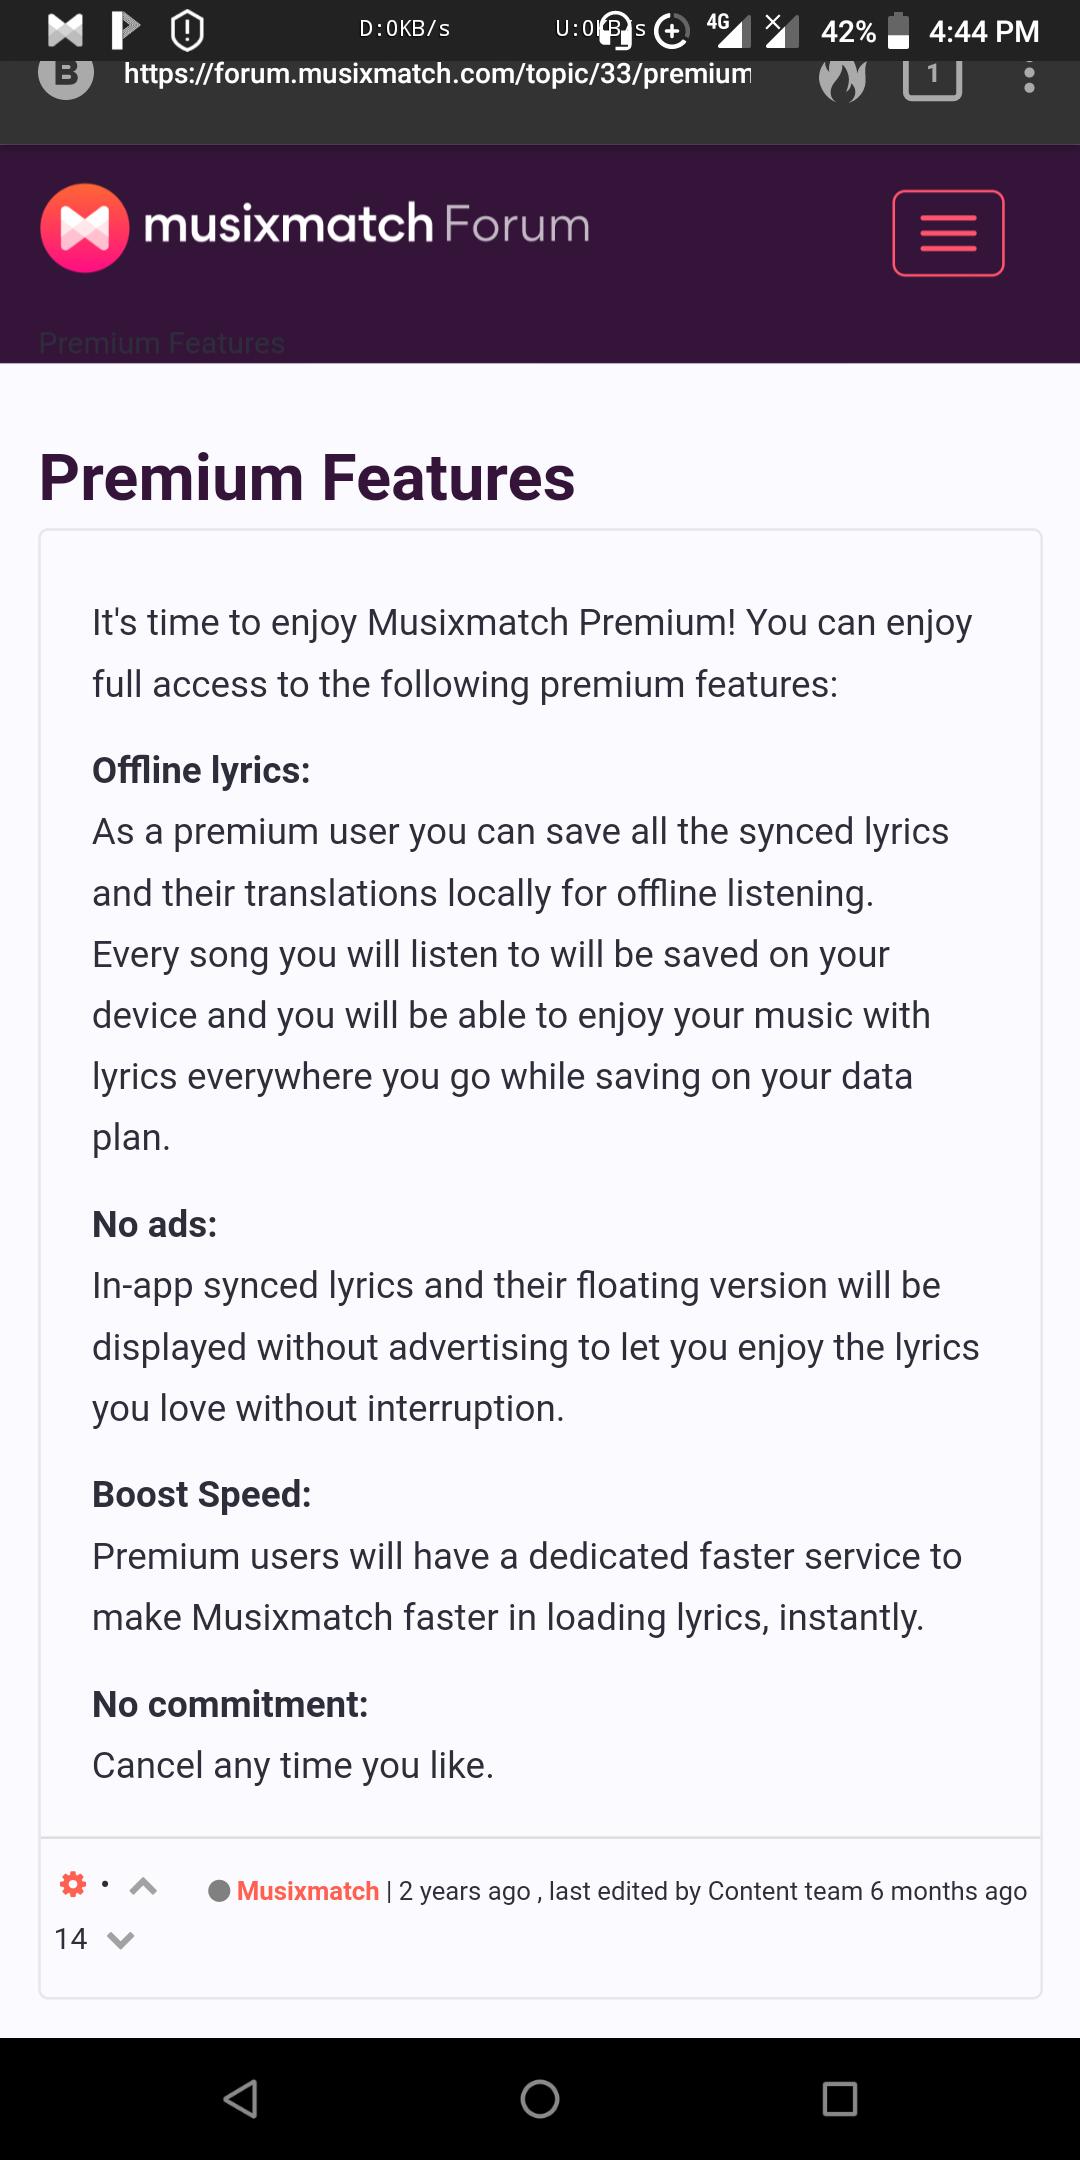 Is Musixmatch free? - Quora